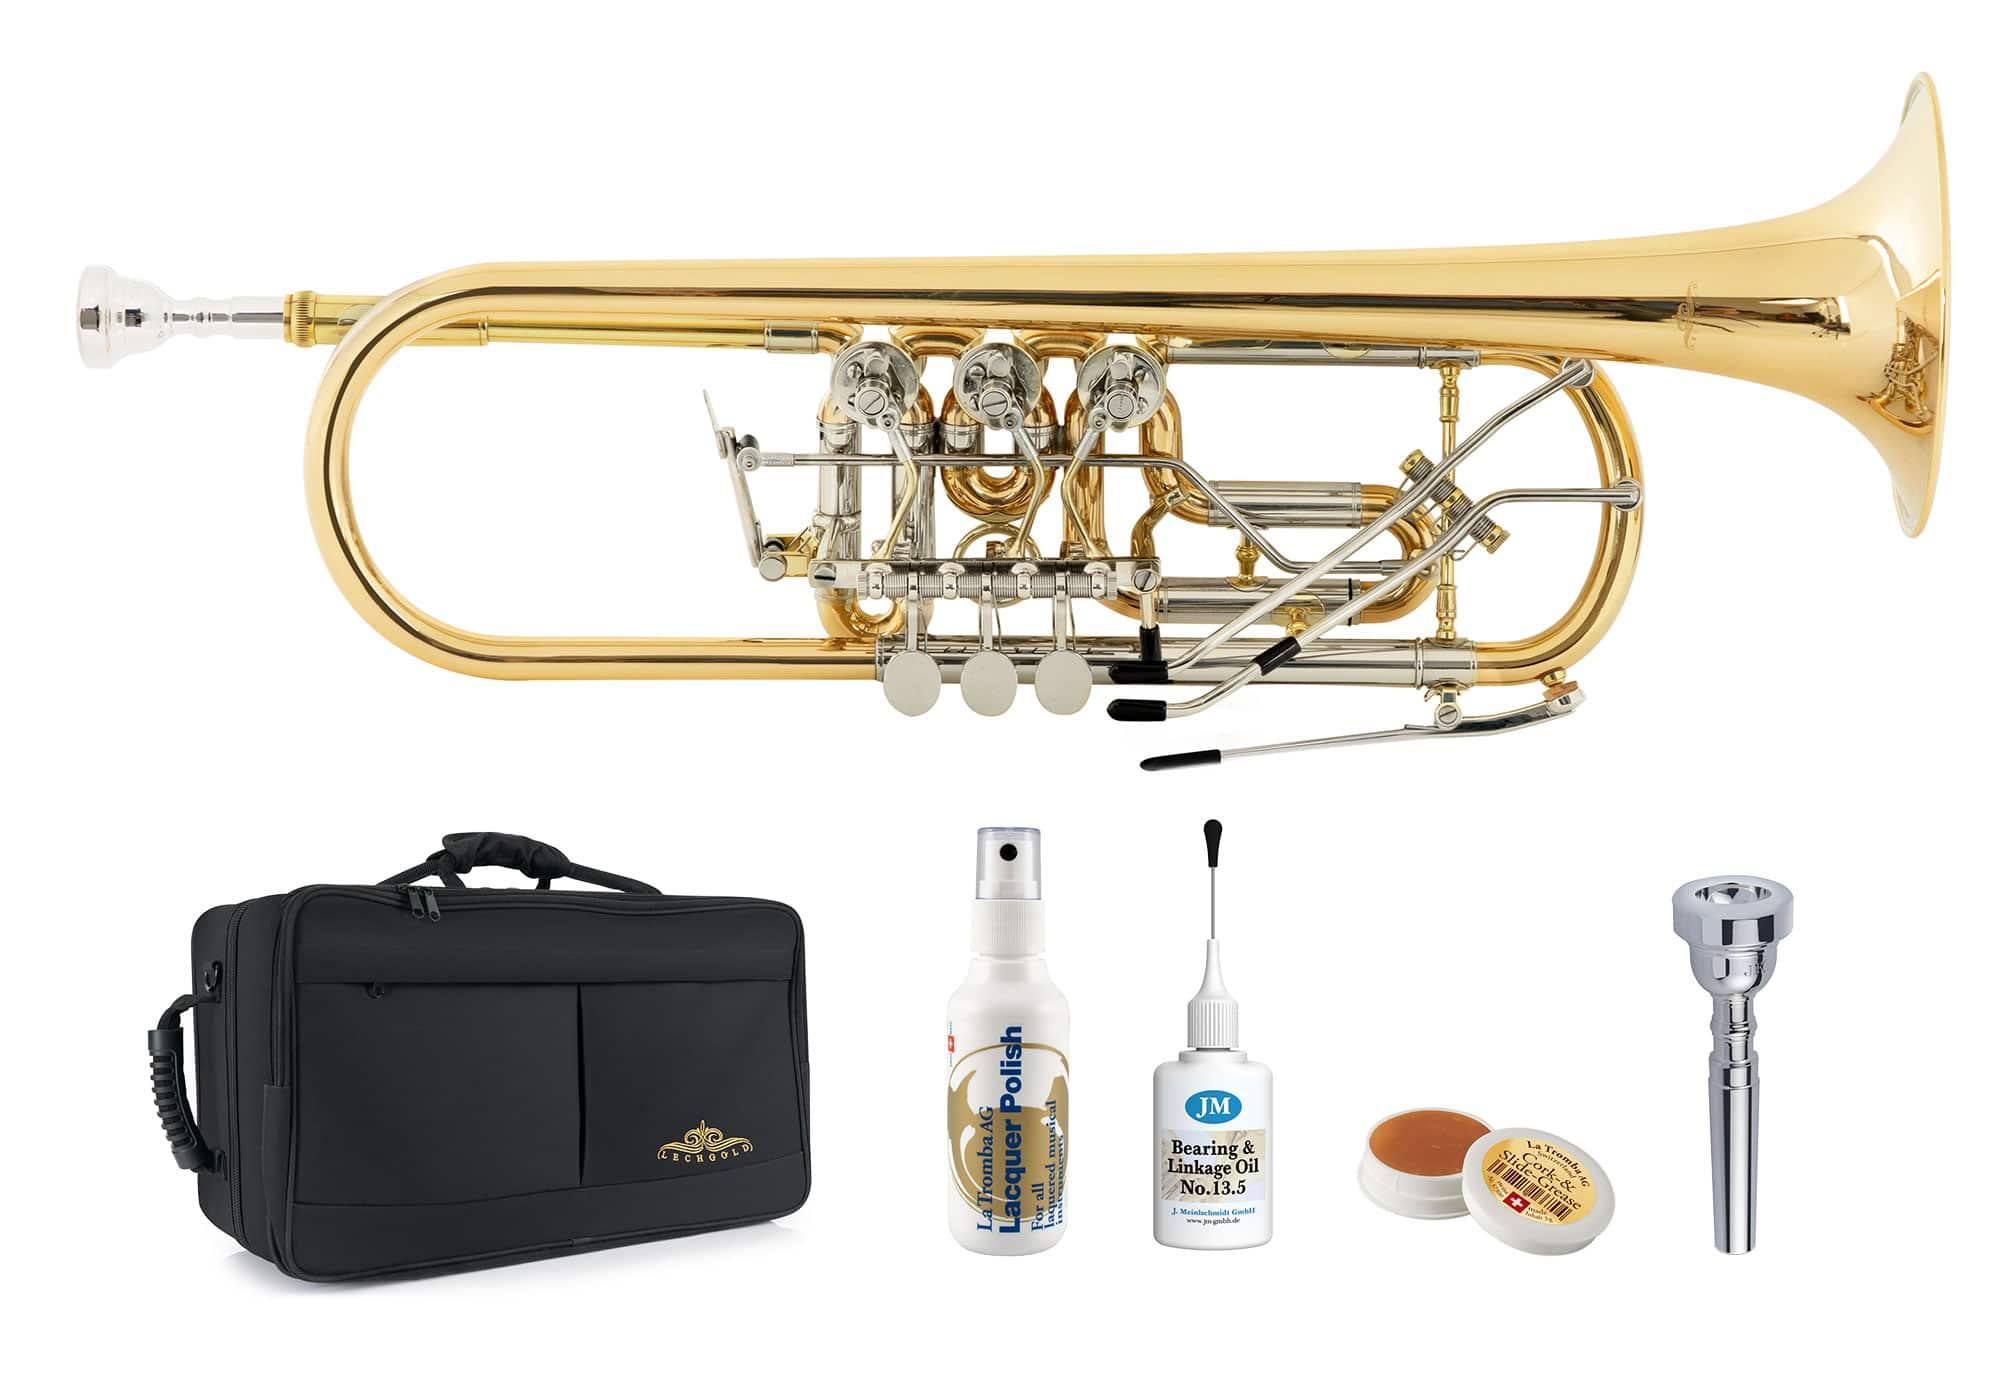 Trompeten - Lechgold BTR 19L Bb Konzerttrompete Deluxe Set - Onlineshop Musikhaus Kirstein